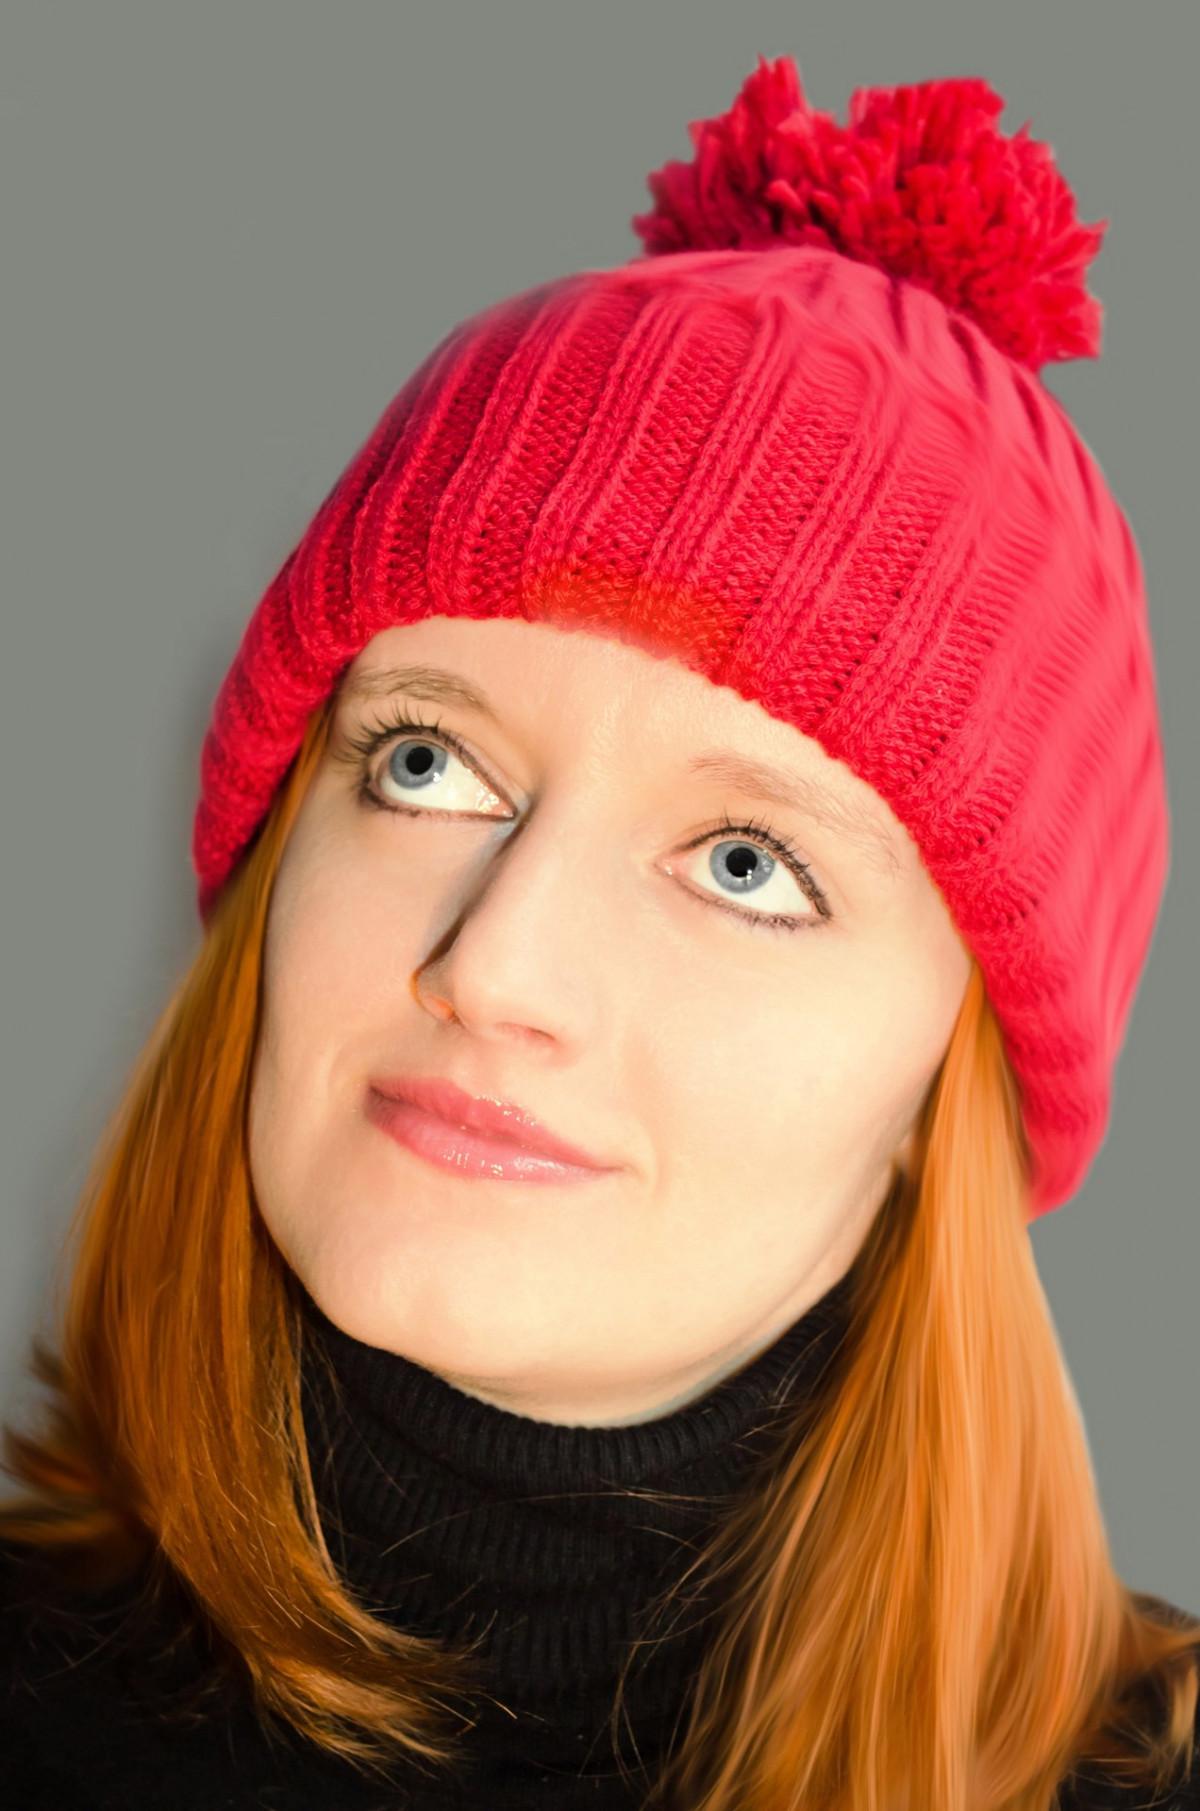 suosittu strippareita punaiset hiukset